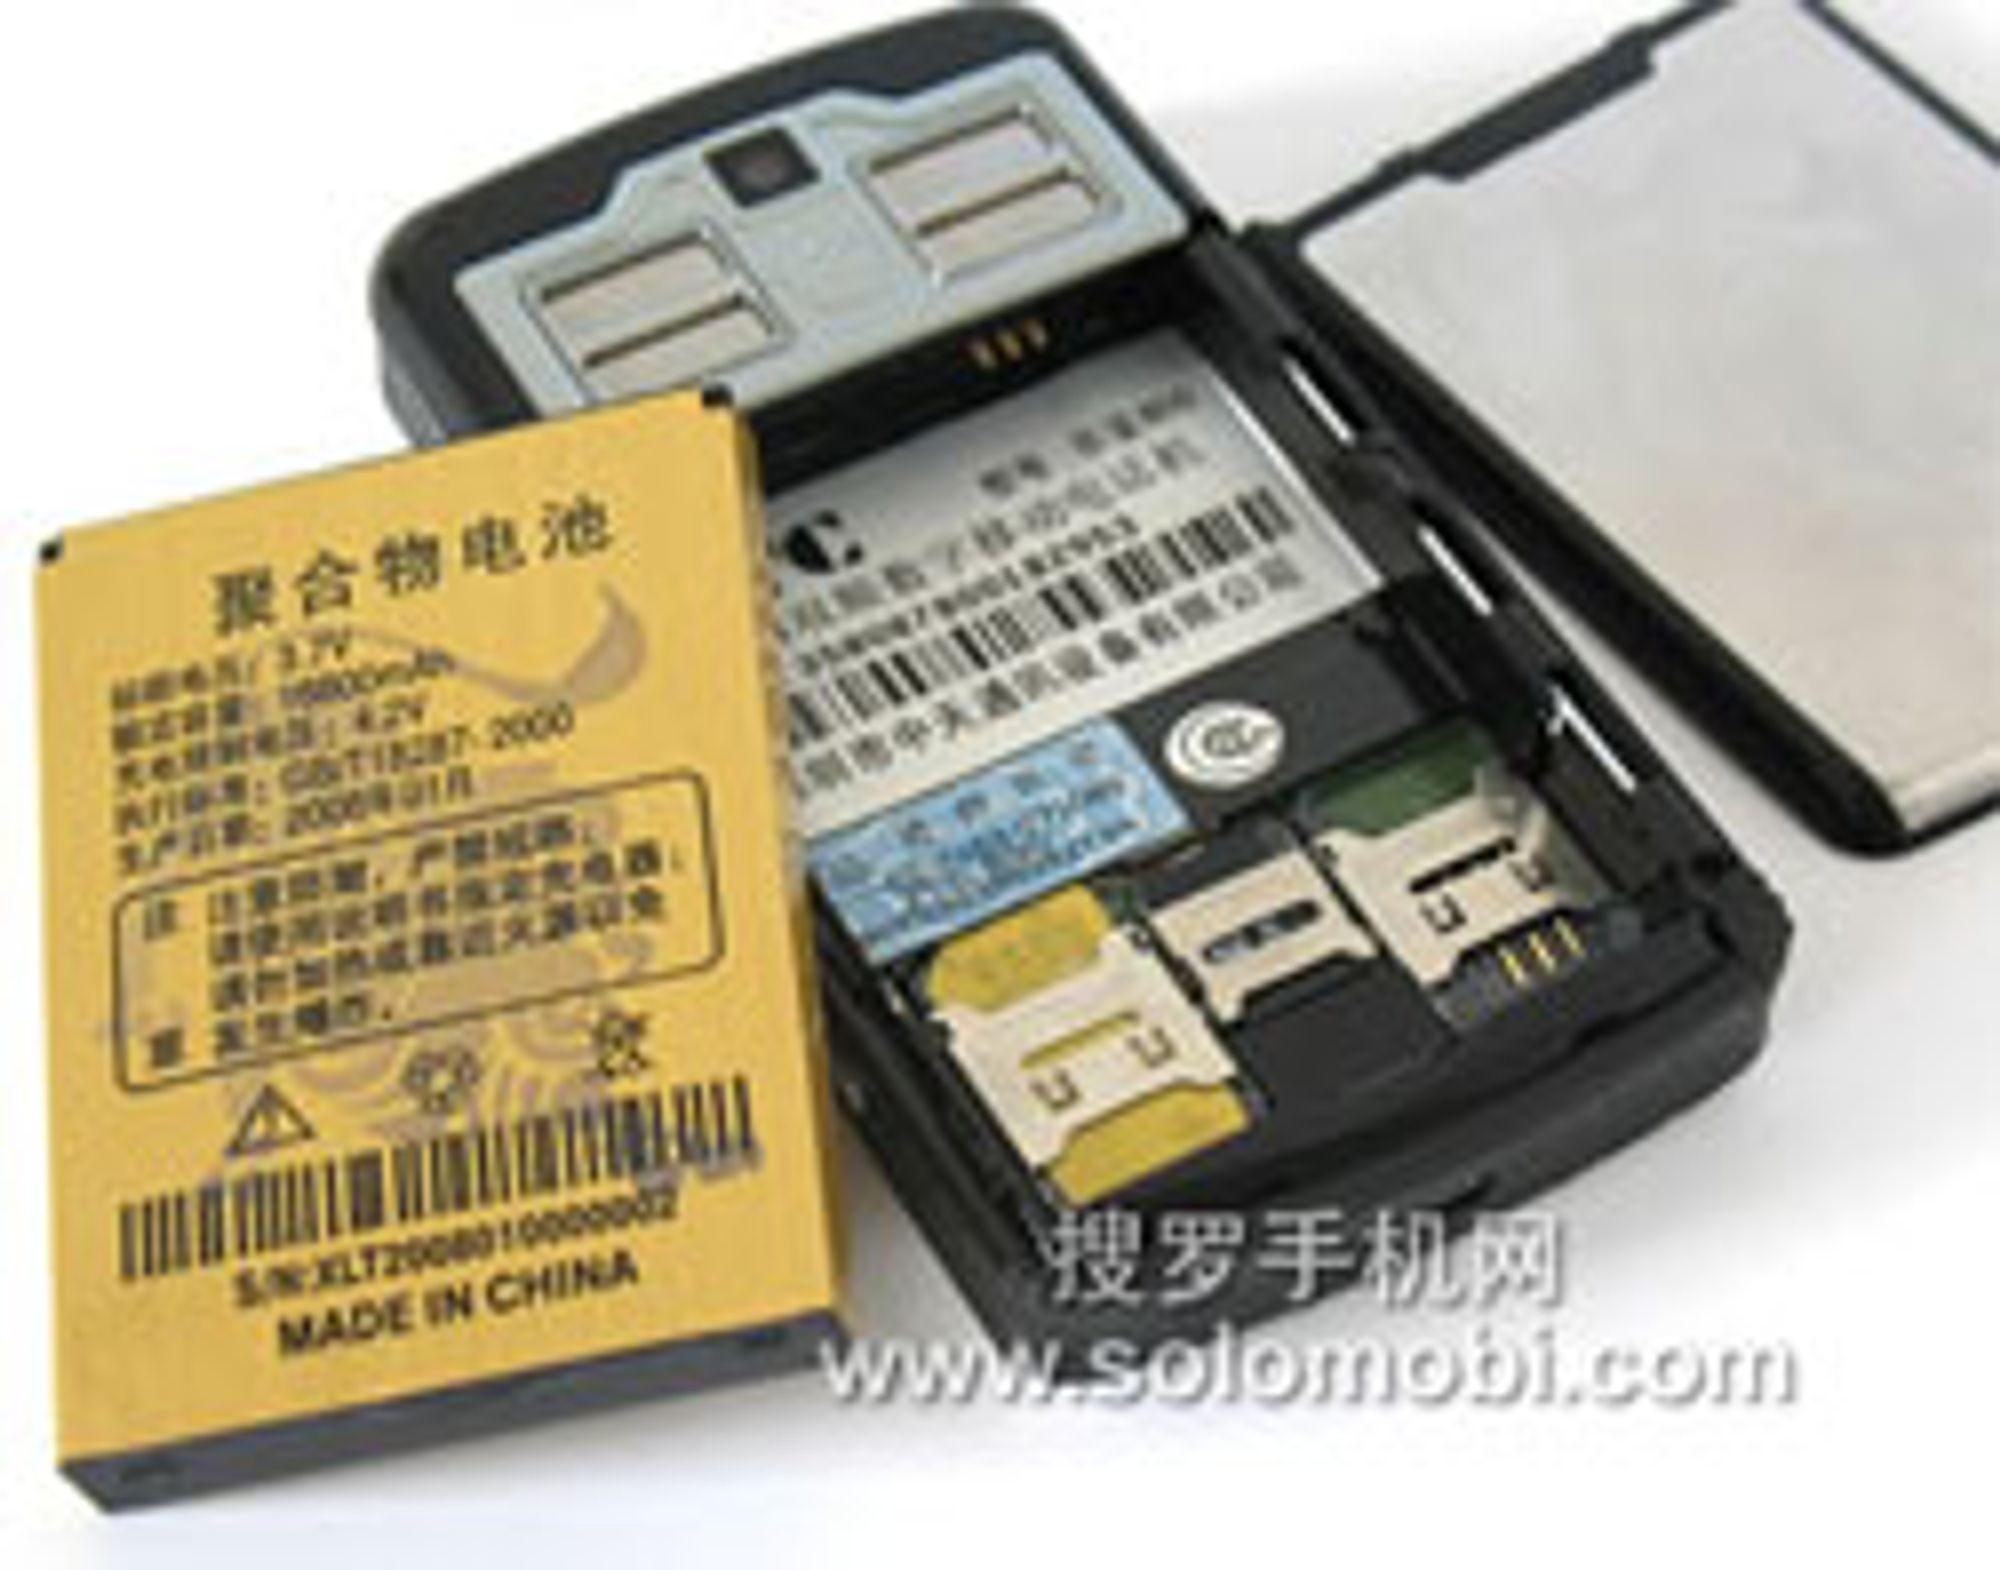 16800 mAh, står det på dette batteriet.